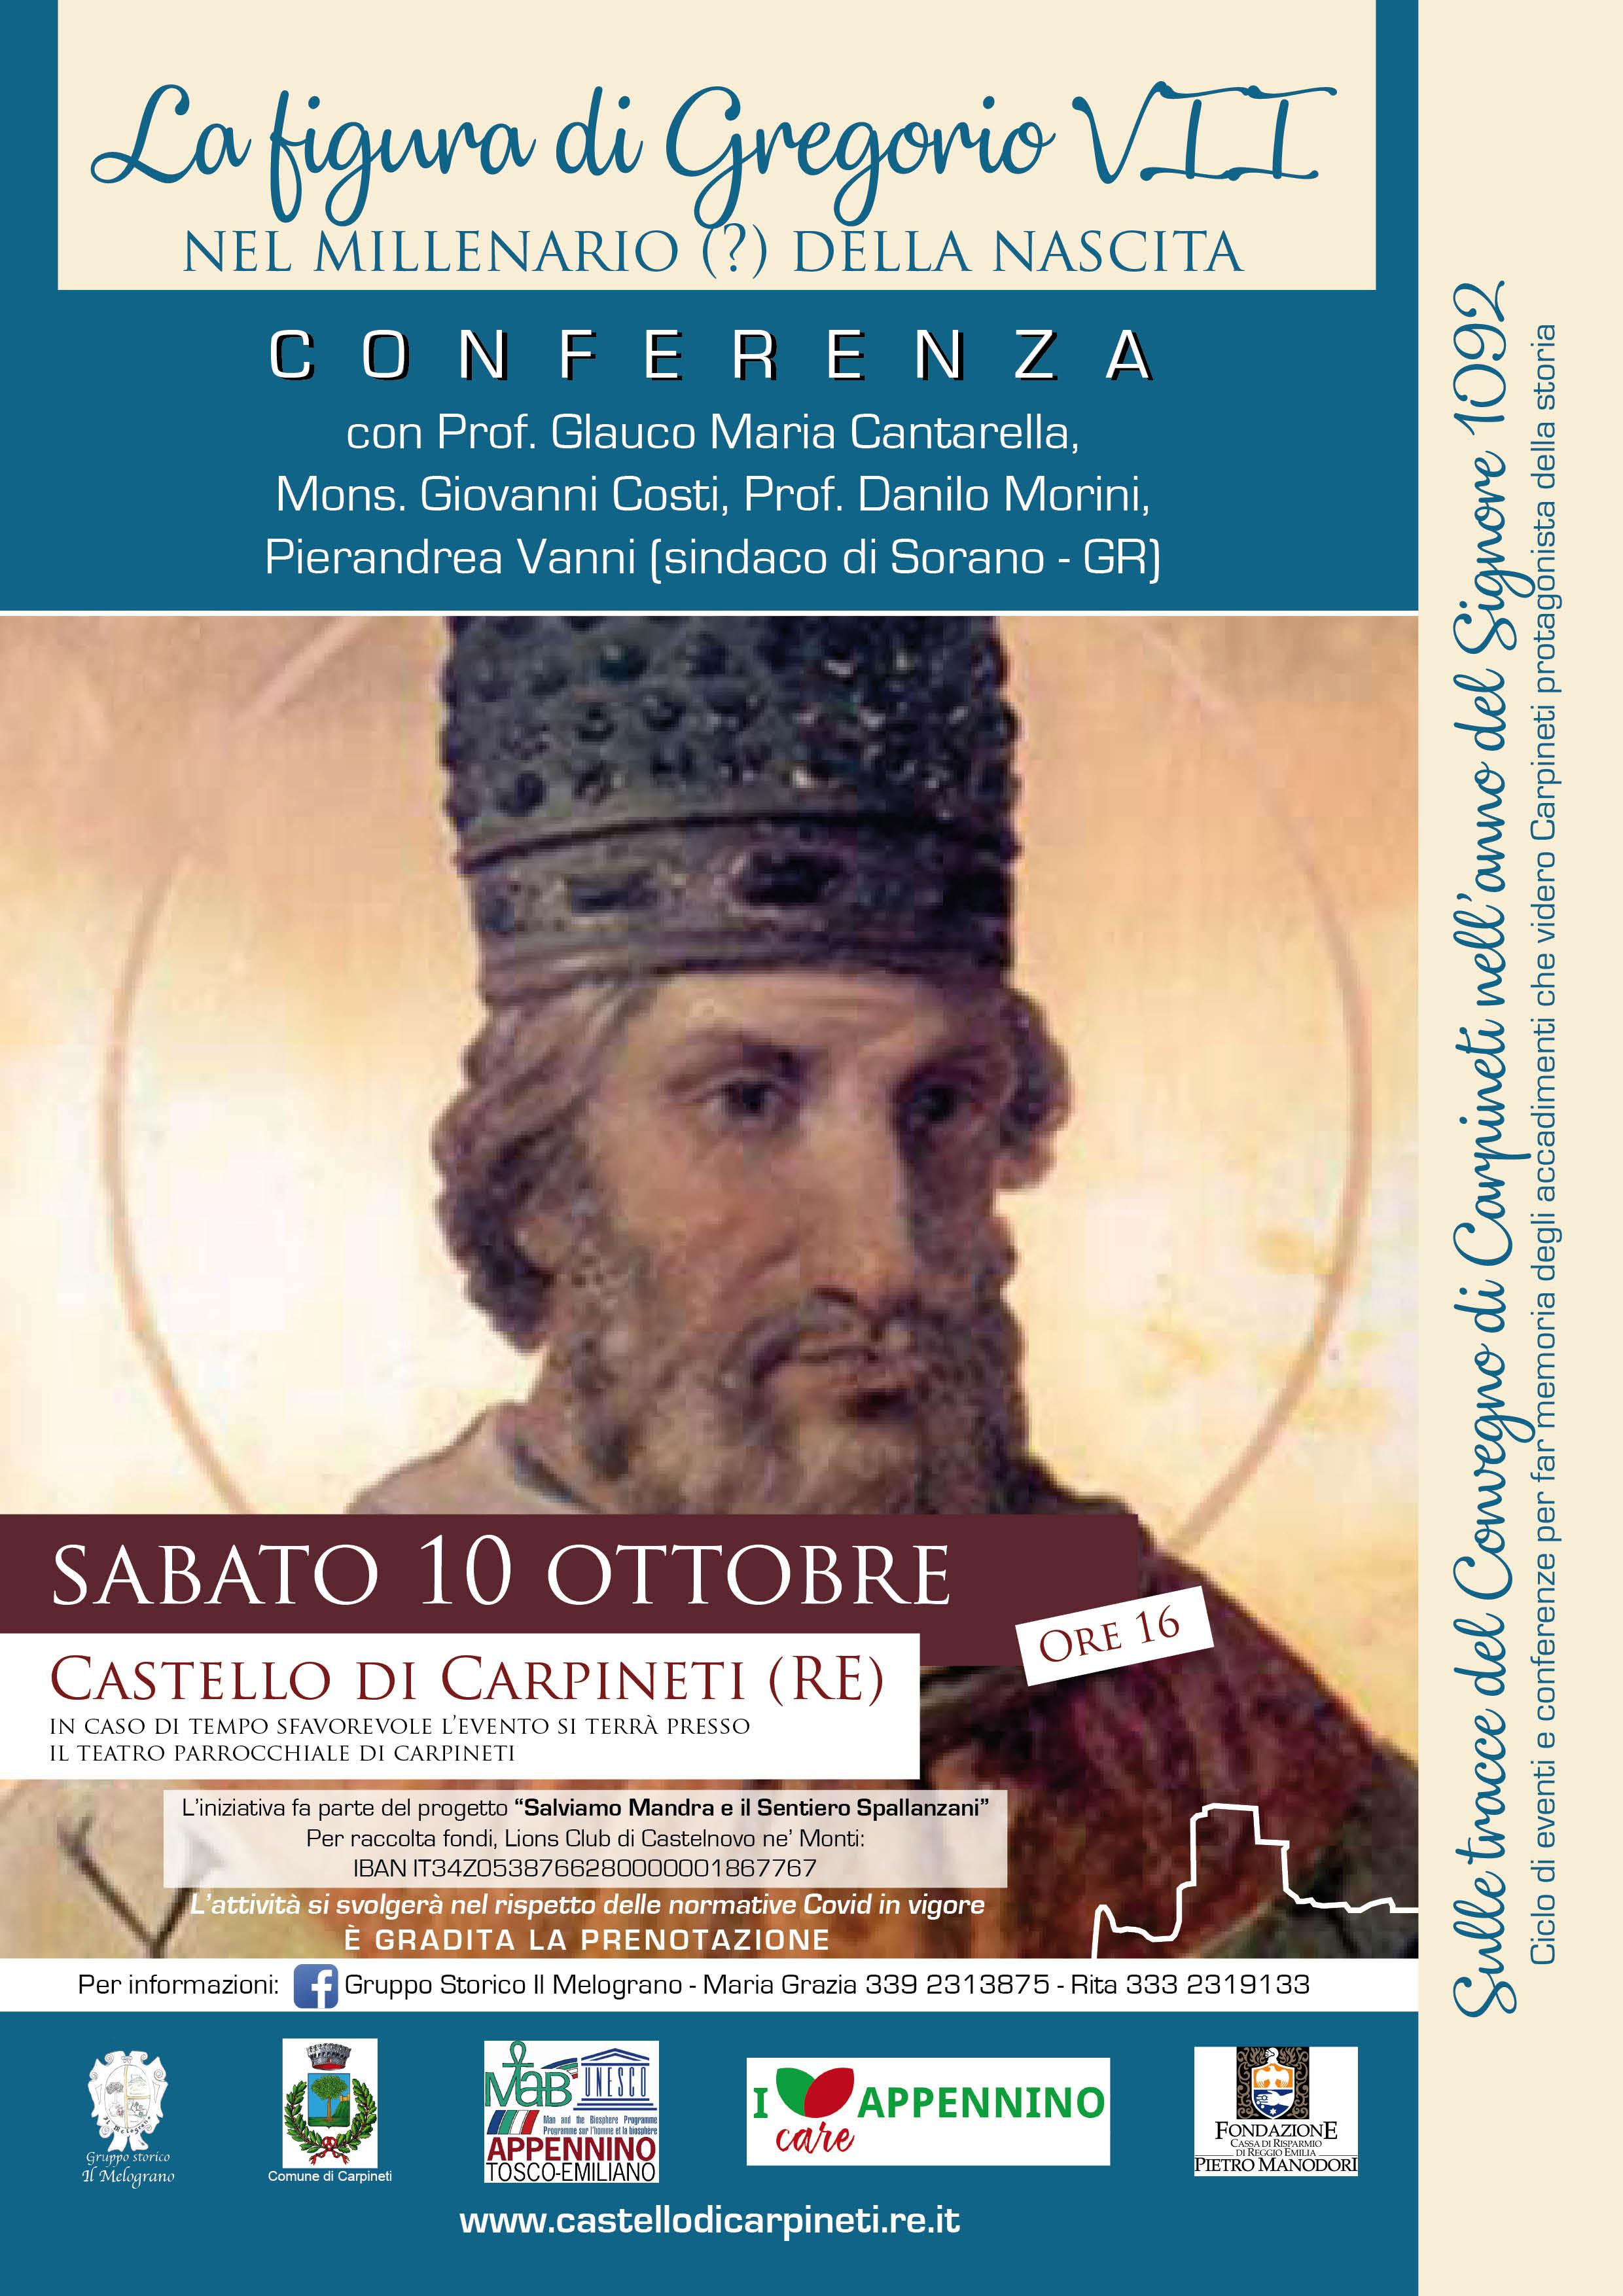 conferenza gregorio